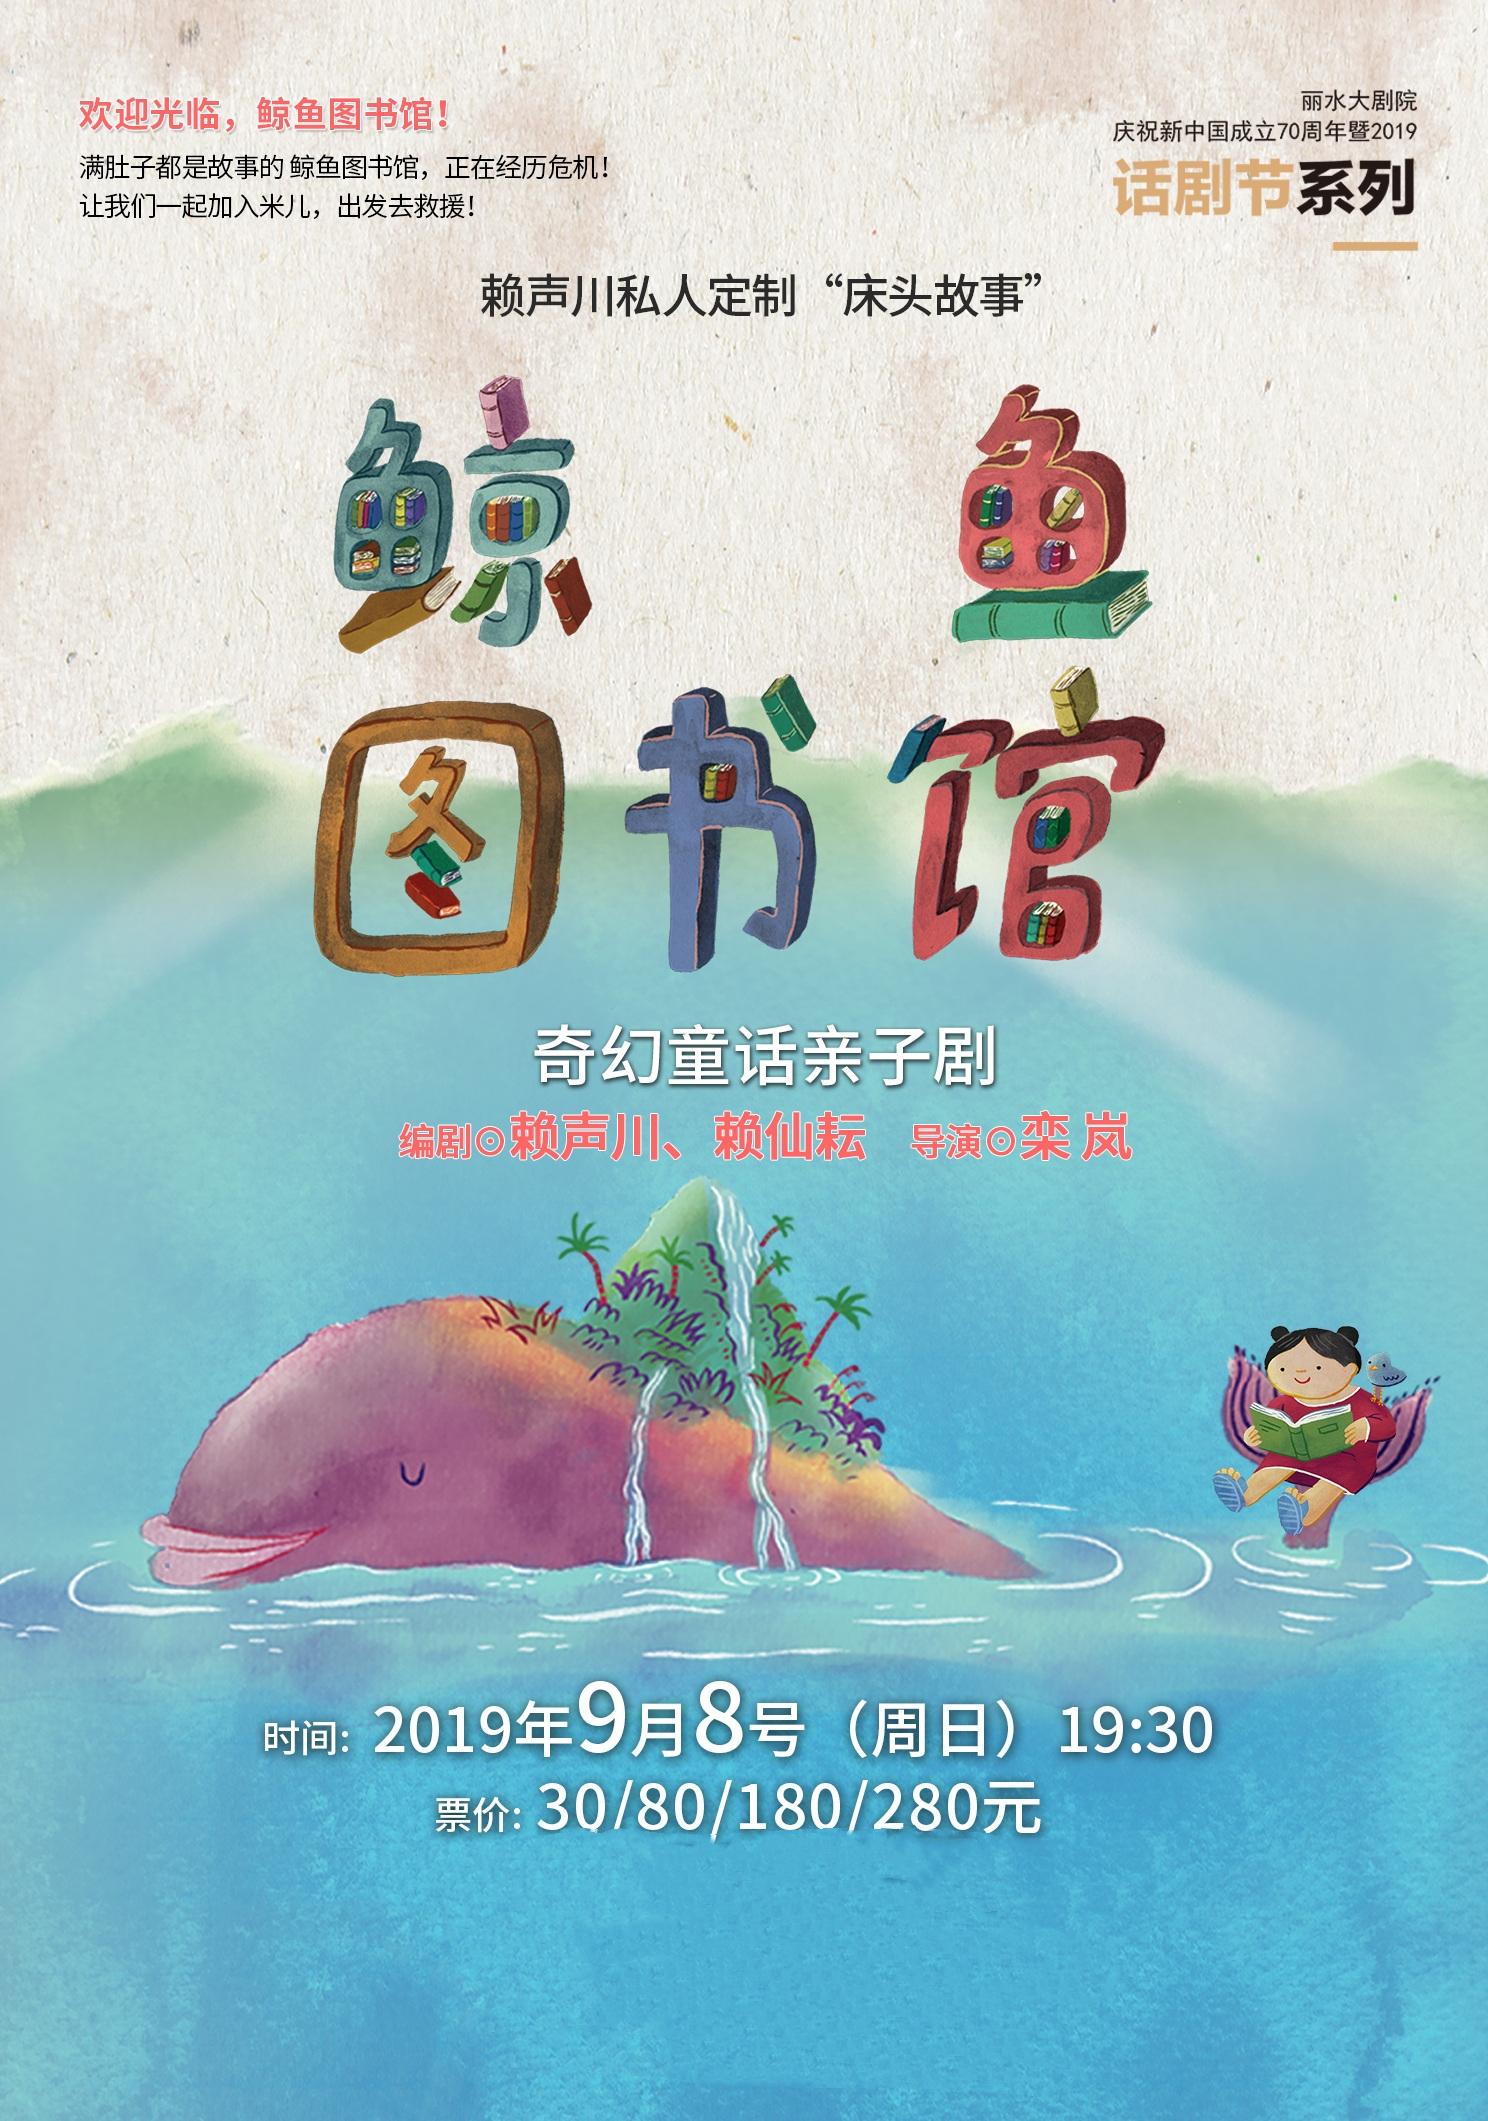 童话亲子剧《鲸鱼图书馆》丽水站